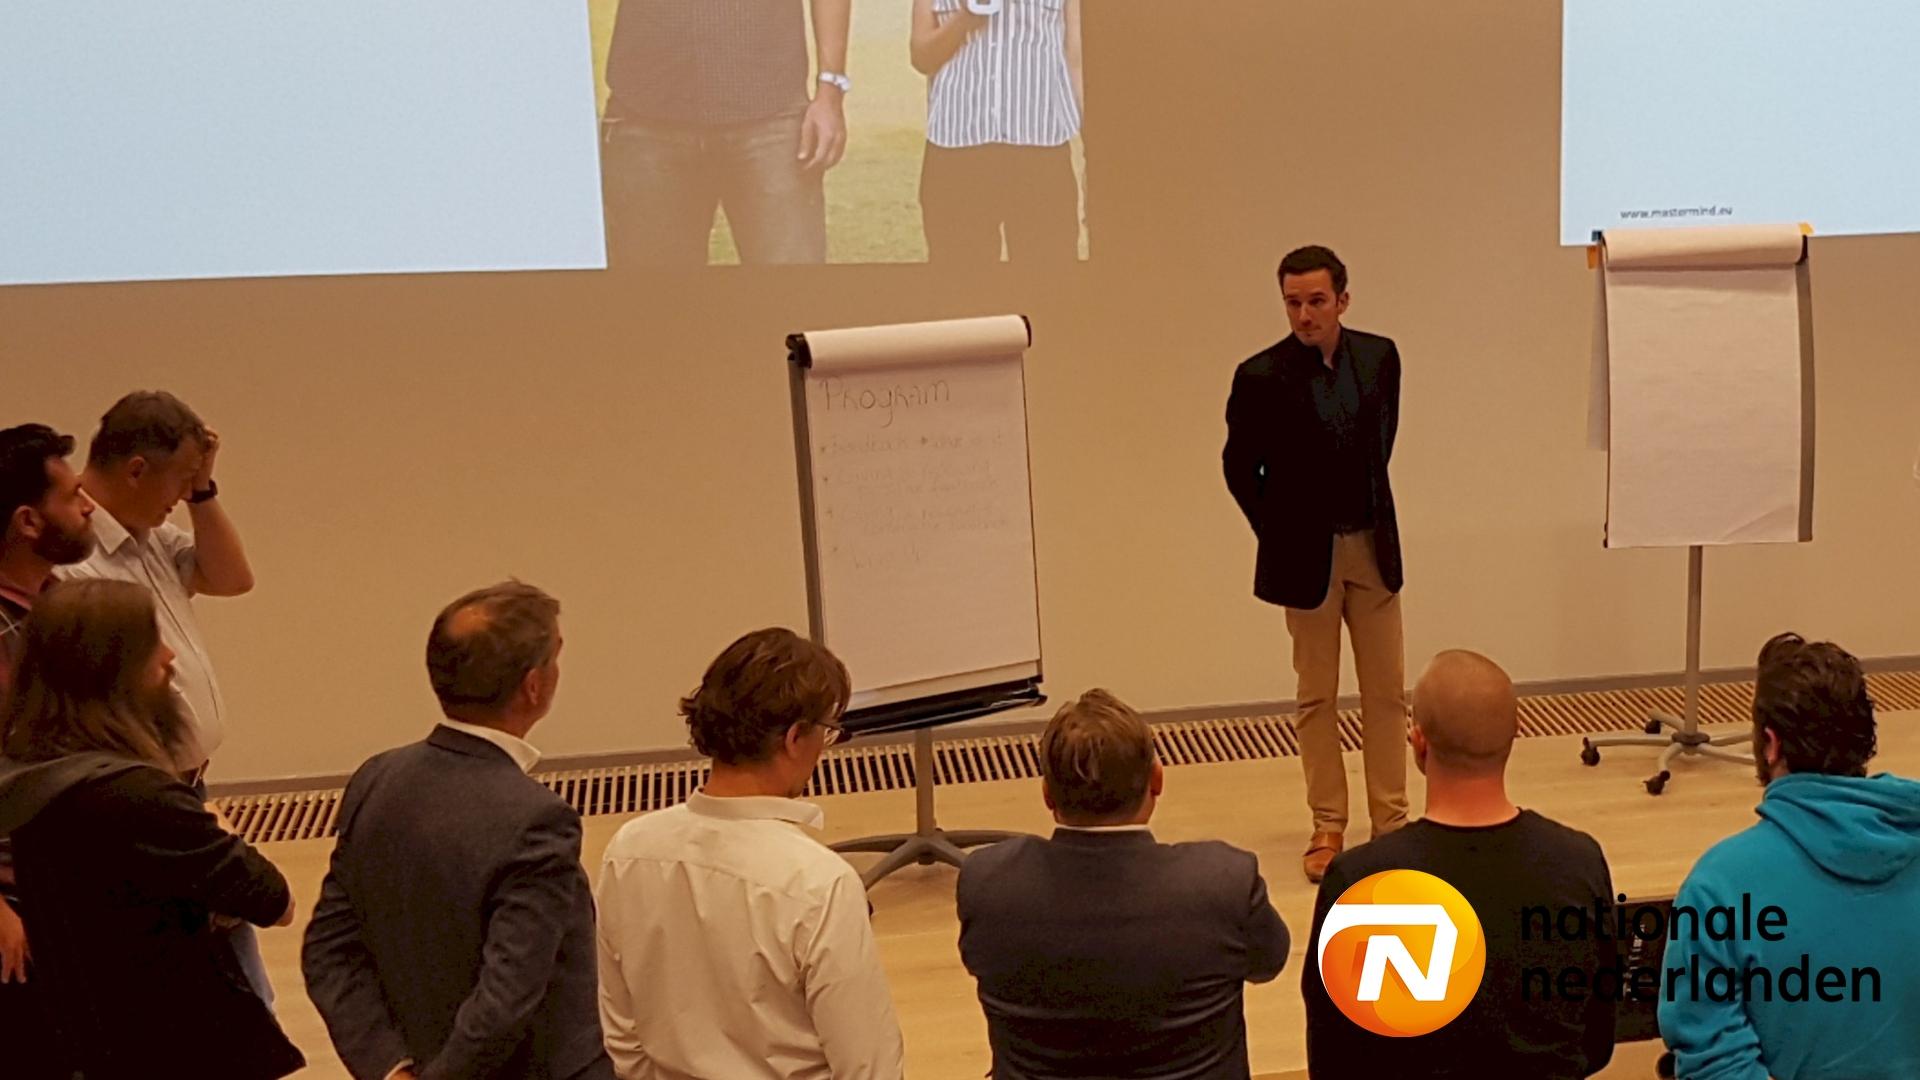 Nationale Nederlanden - Communicatie - Jerry van Staveren (1)